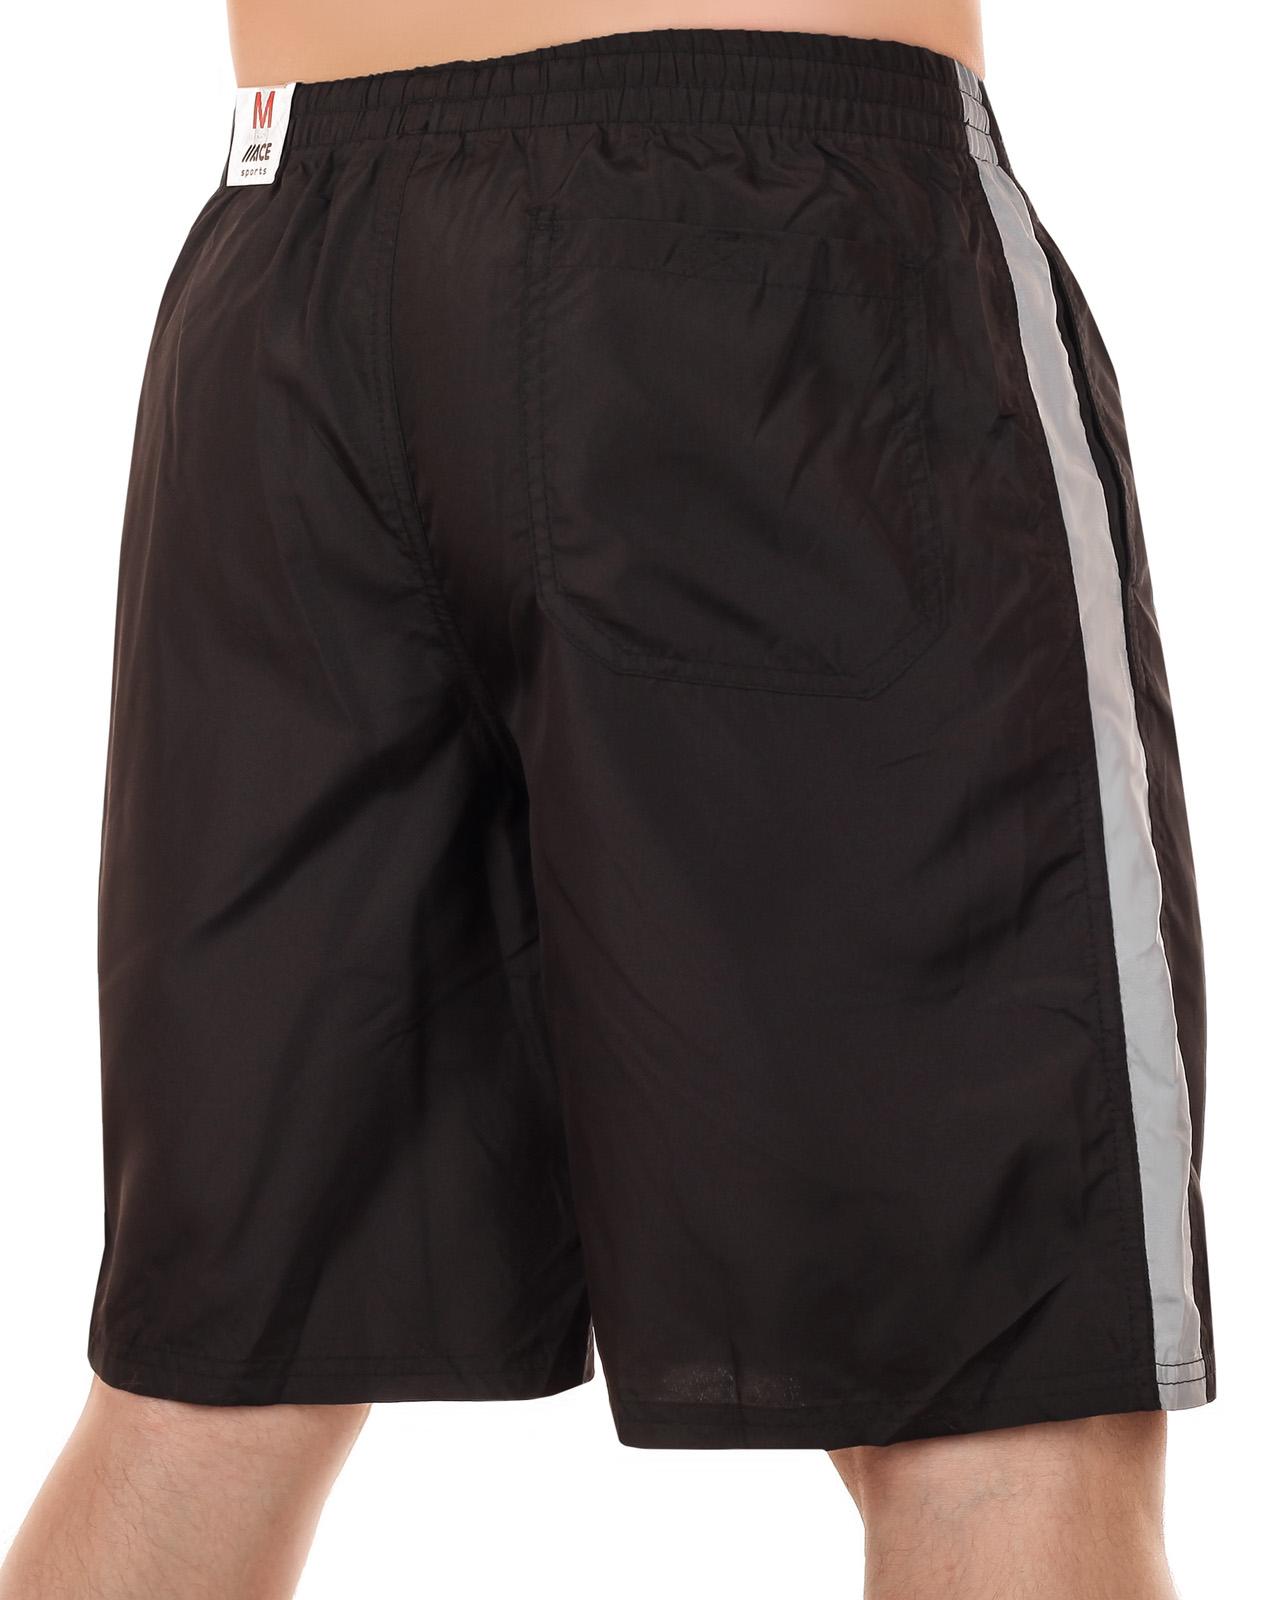 Зачётные шорты пляжные для мужчин любого возраста от MACE по лучшей цене